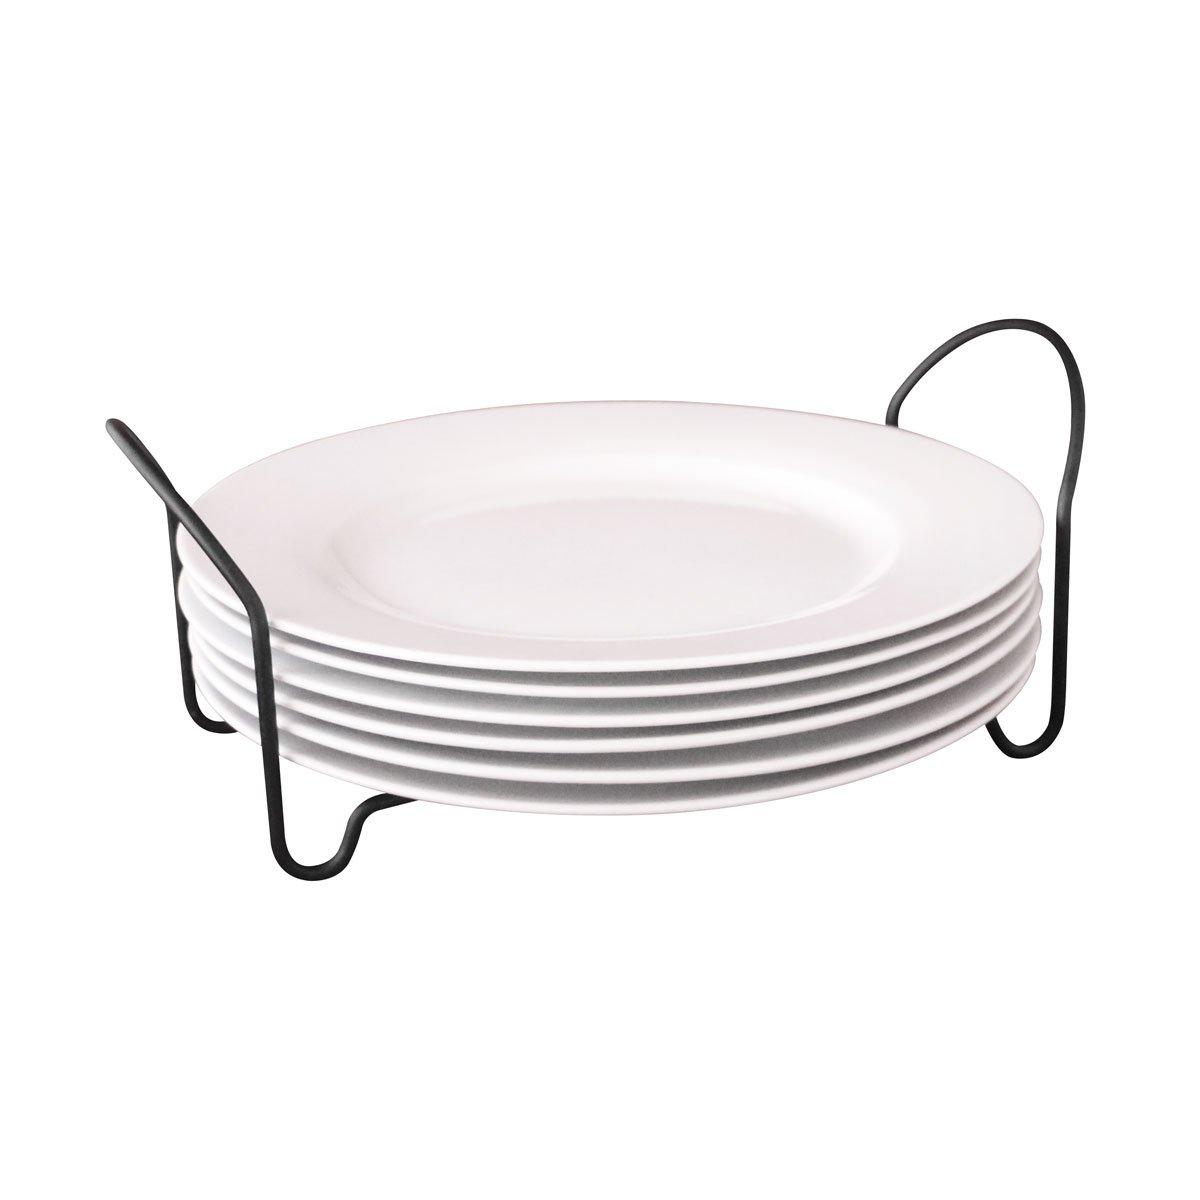 Set de 6 platos trinche de porcelana con rack sears com for Set de platos